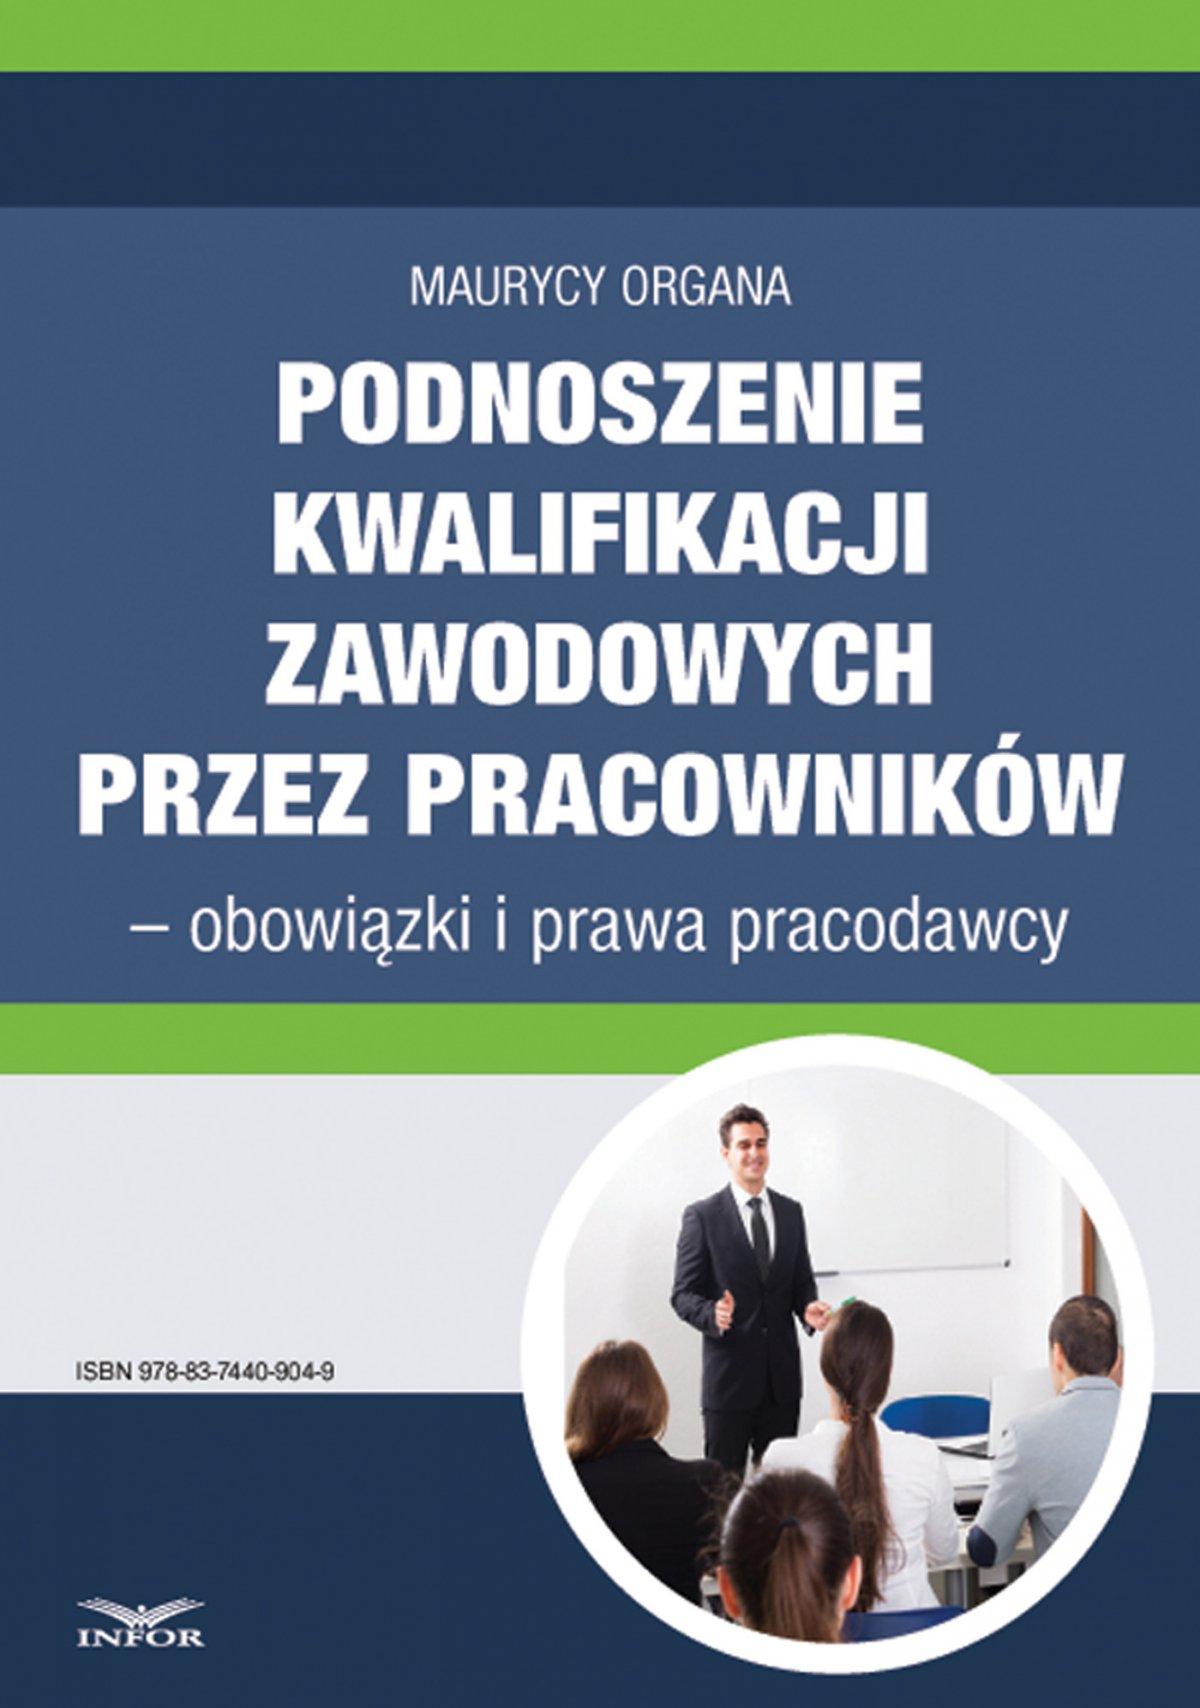 Podnoszenie kwalifikacji zawodowych przez pracowników – obowiązki i prawa pracodawcy - Ebook (Książka PDF) do pobrania w formacie PDF